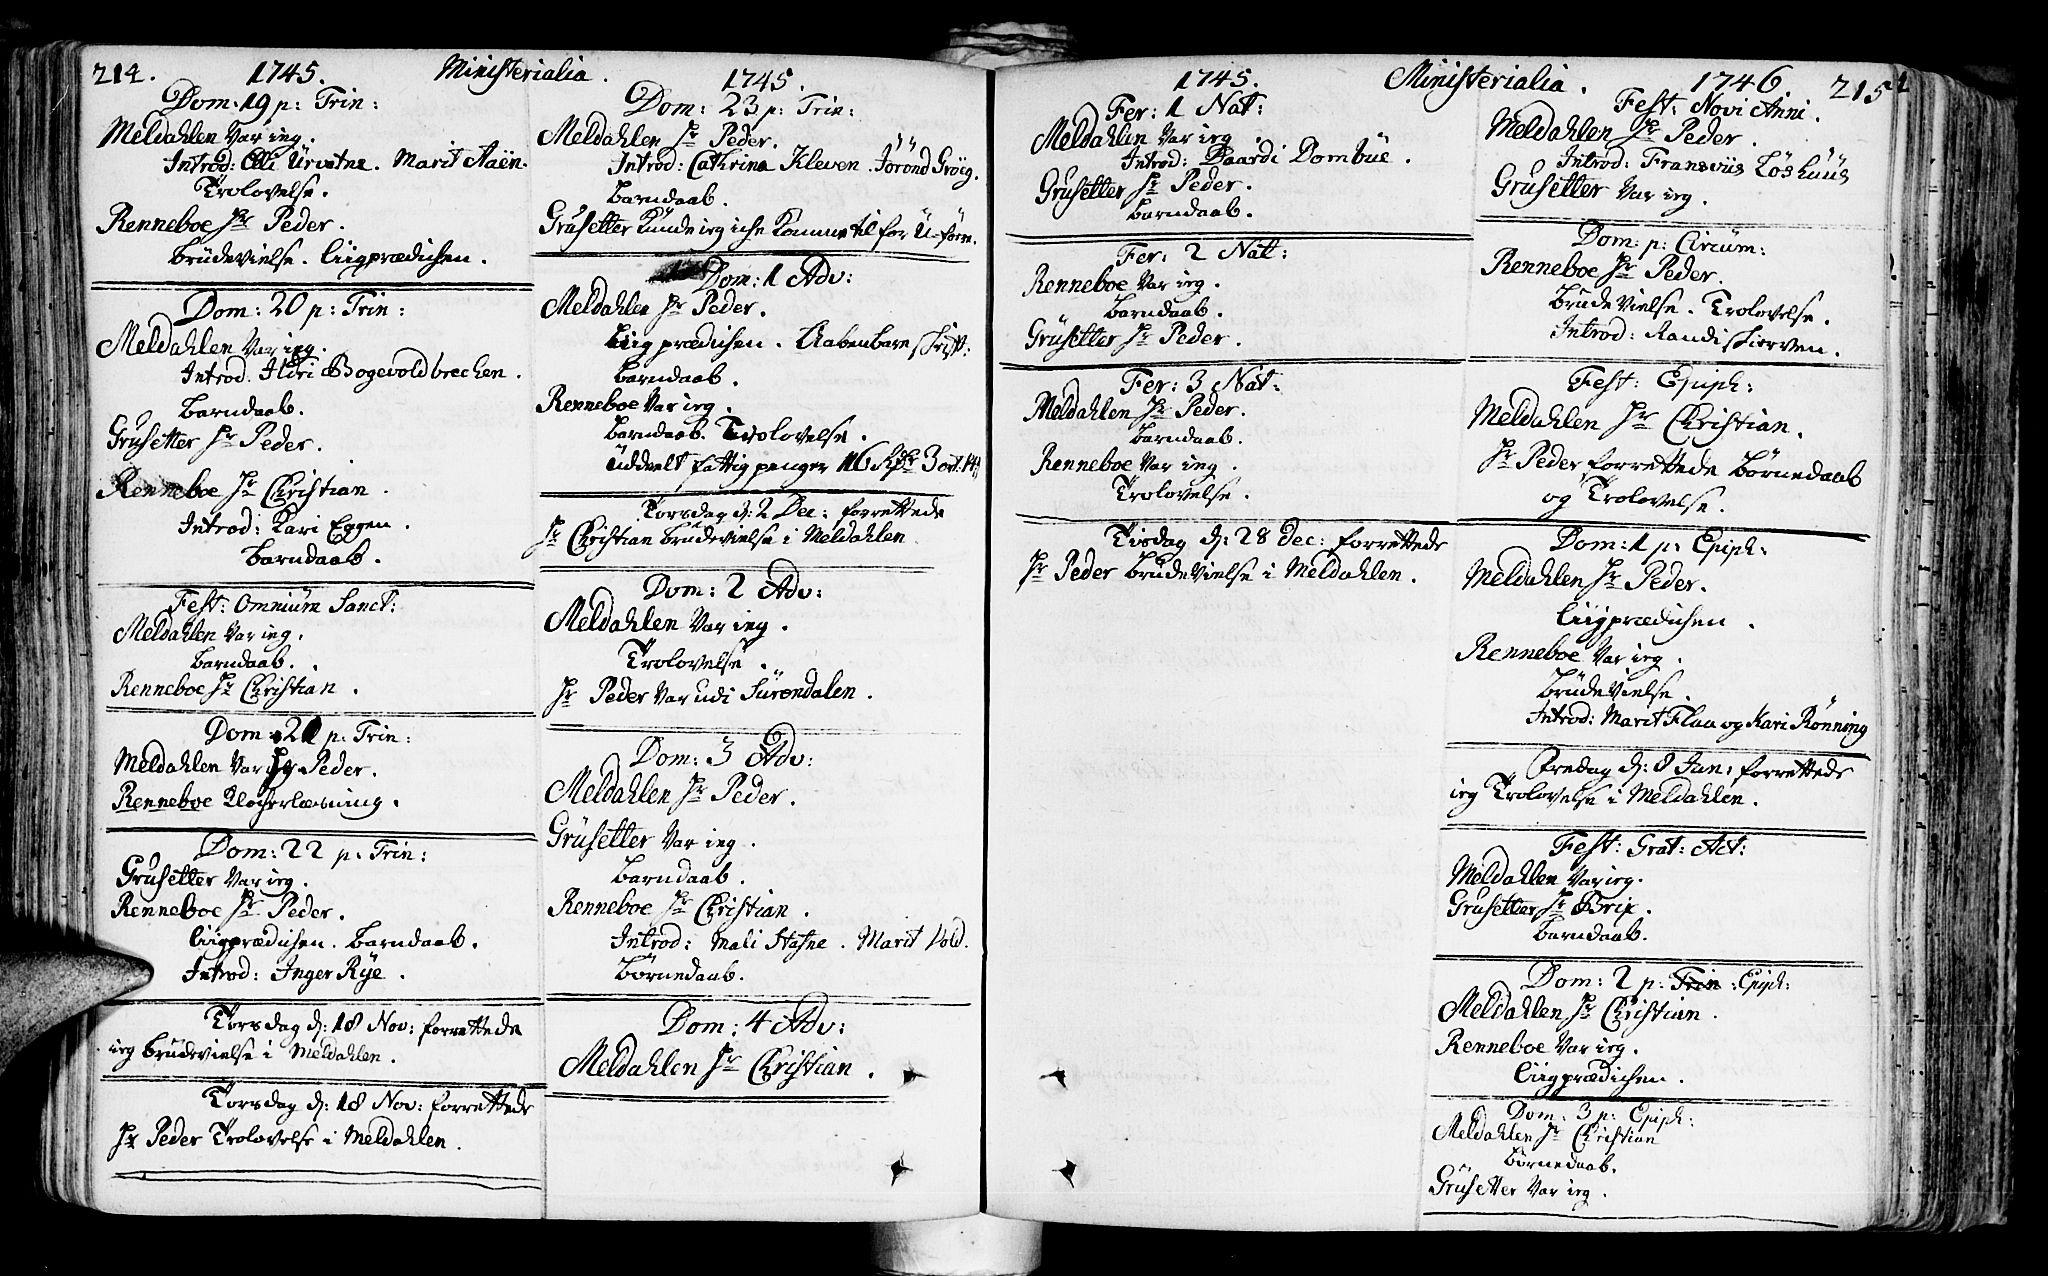 SAT, Ministerialprotokoller, klokkerbøker og fødselsregistre - Sør-Trøndelag, 672/L0850: Ministerialbok nr. 672A03, 1725-1751, s. 214-215